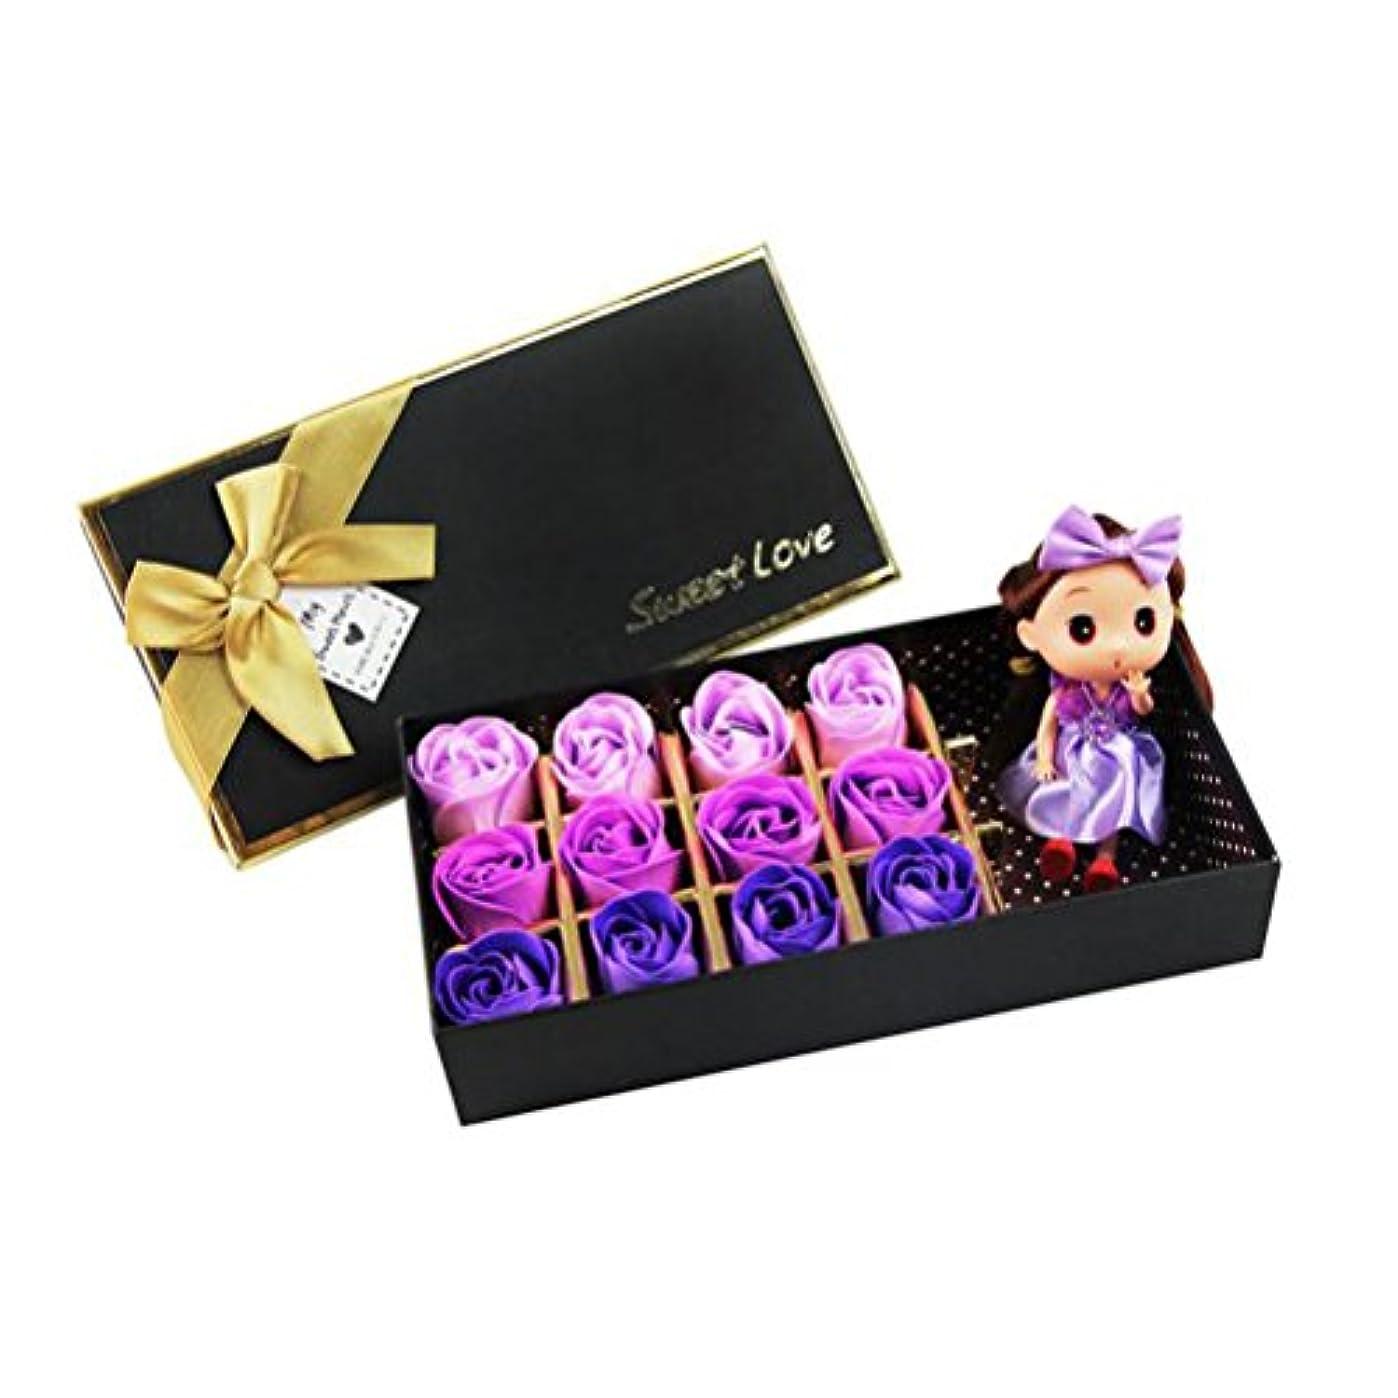 約設定好ましい追い付くROSENICE 香り バラ 花 お風呂 石鹸 ギフトボックス (紫)